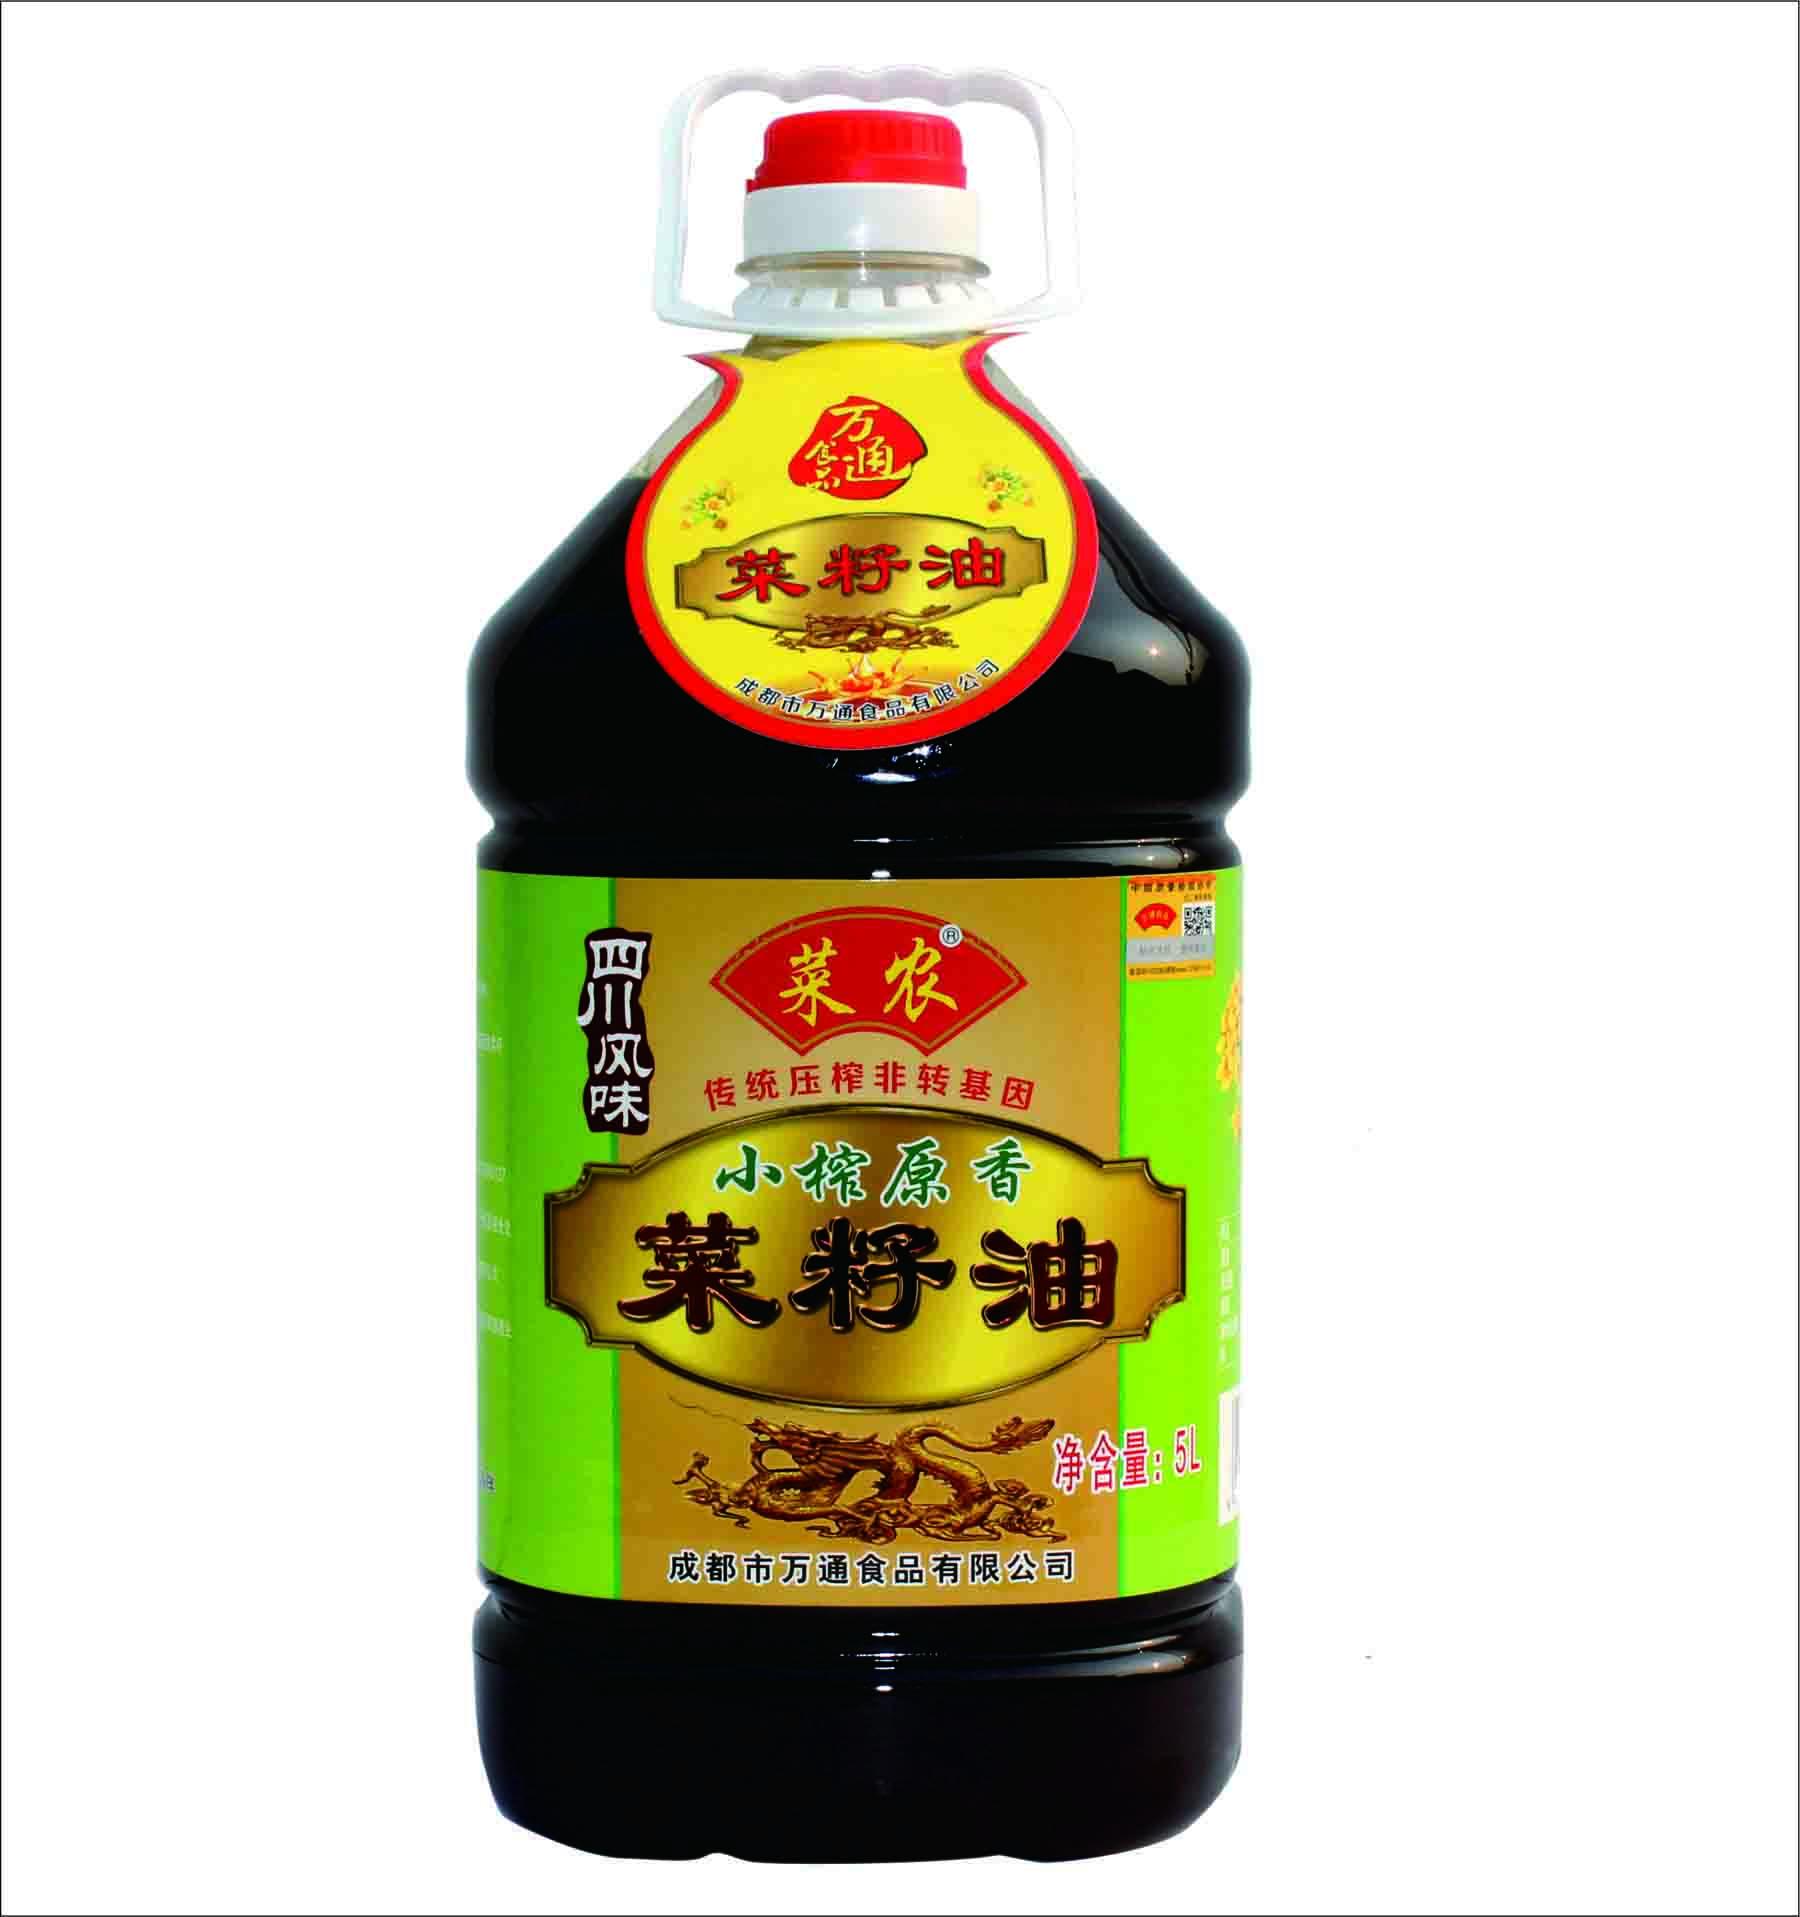 可信赖的黄菜籽油批发商 压榨菜籽油值得信赖